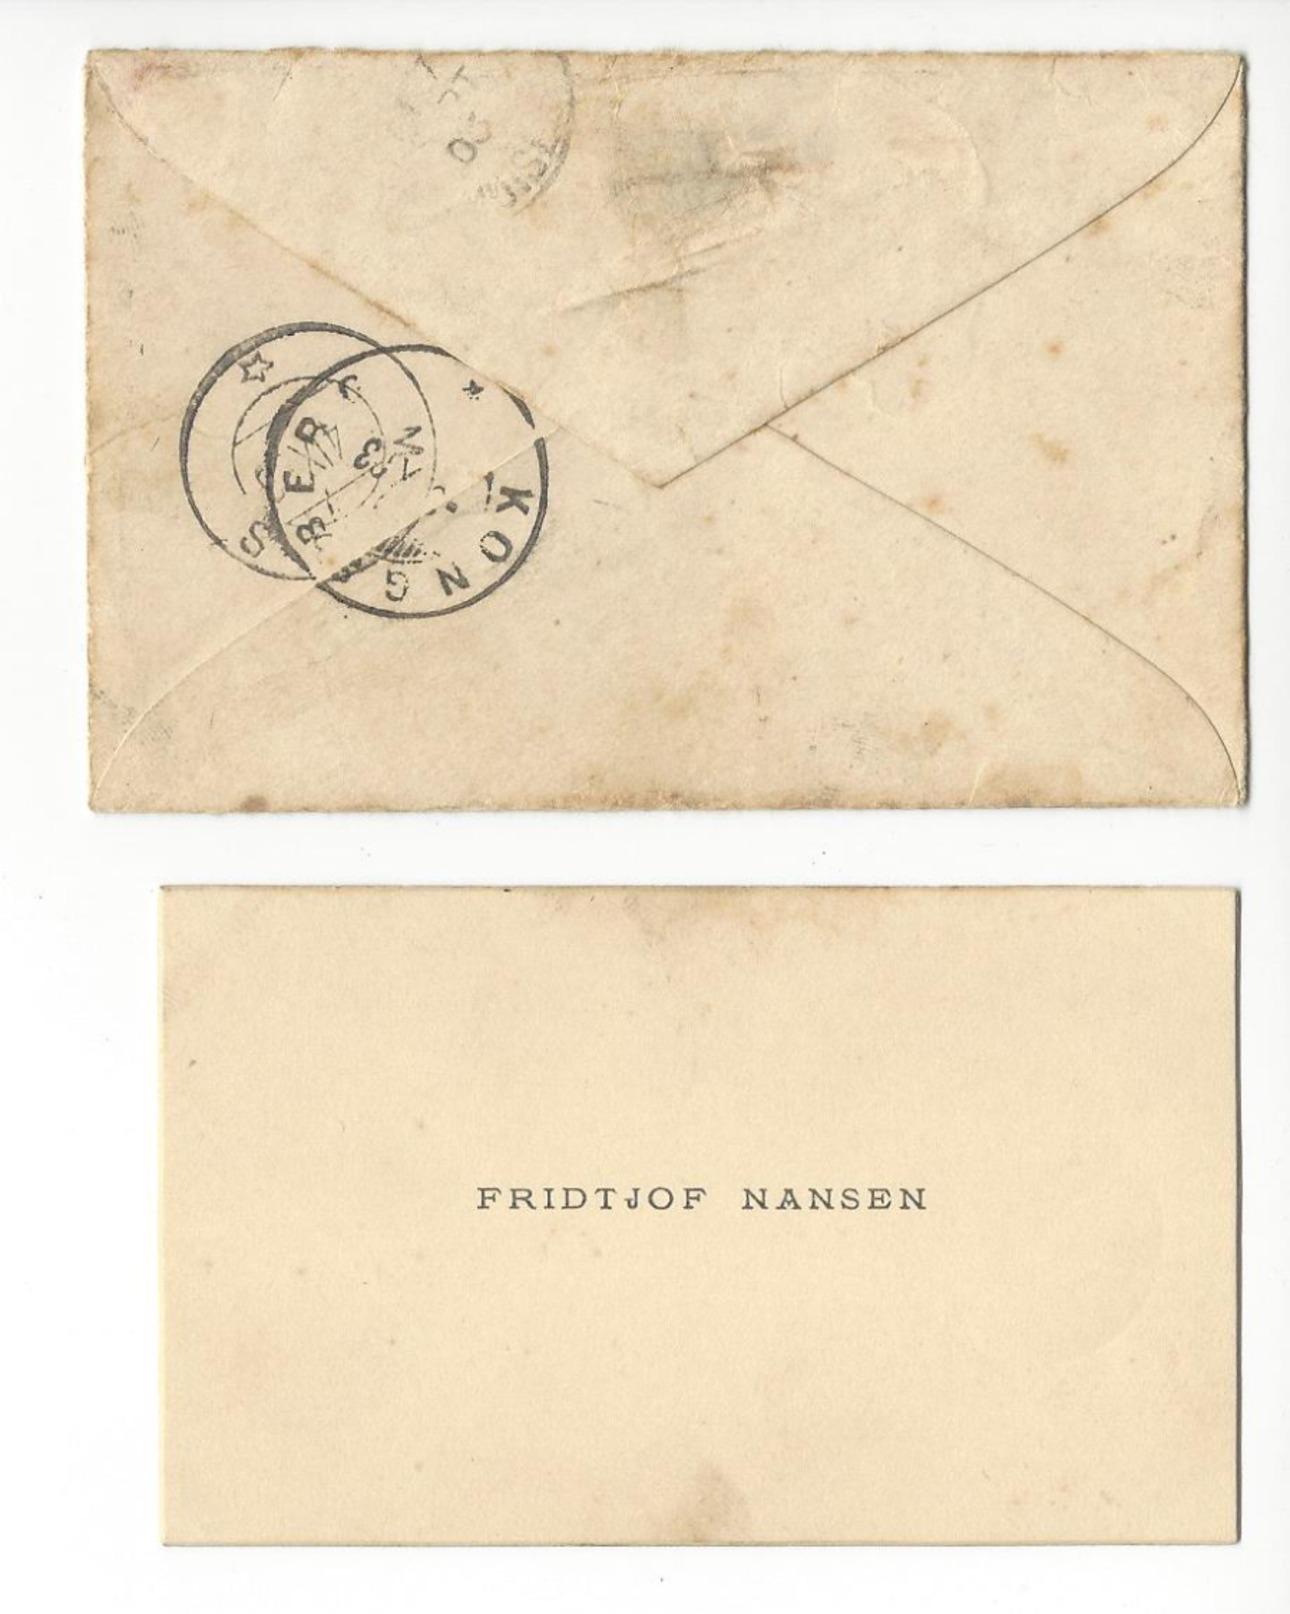 NANSEN (1861-1930) AUTOGRAPHE ORIGINAL AUTOGRAPH 1903 EXPLORATEUR POLAIRE POLAR EXPLORER ARCHIVE BARDOT FREE SHIP. R - Autographes